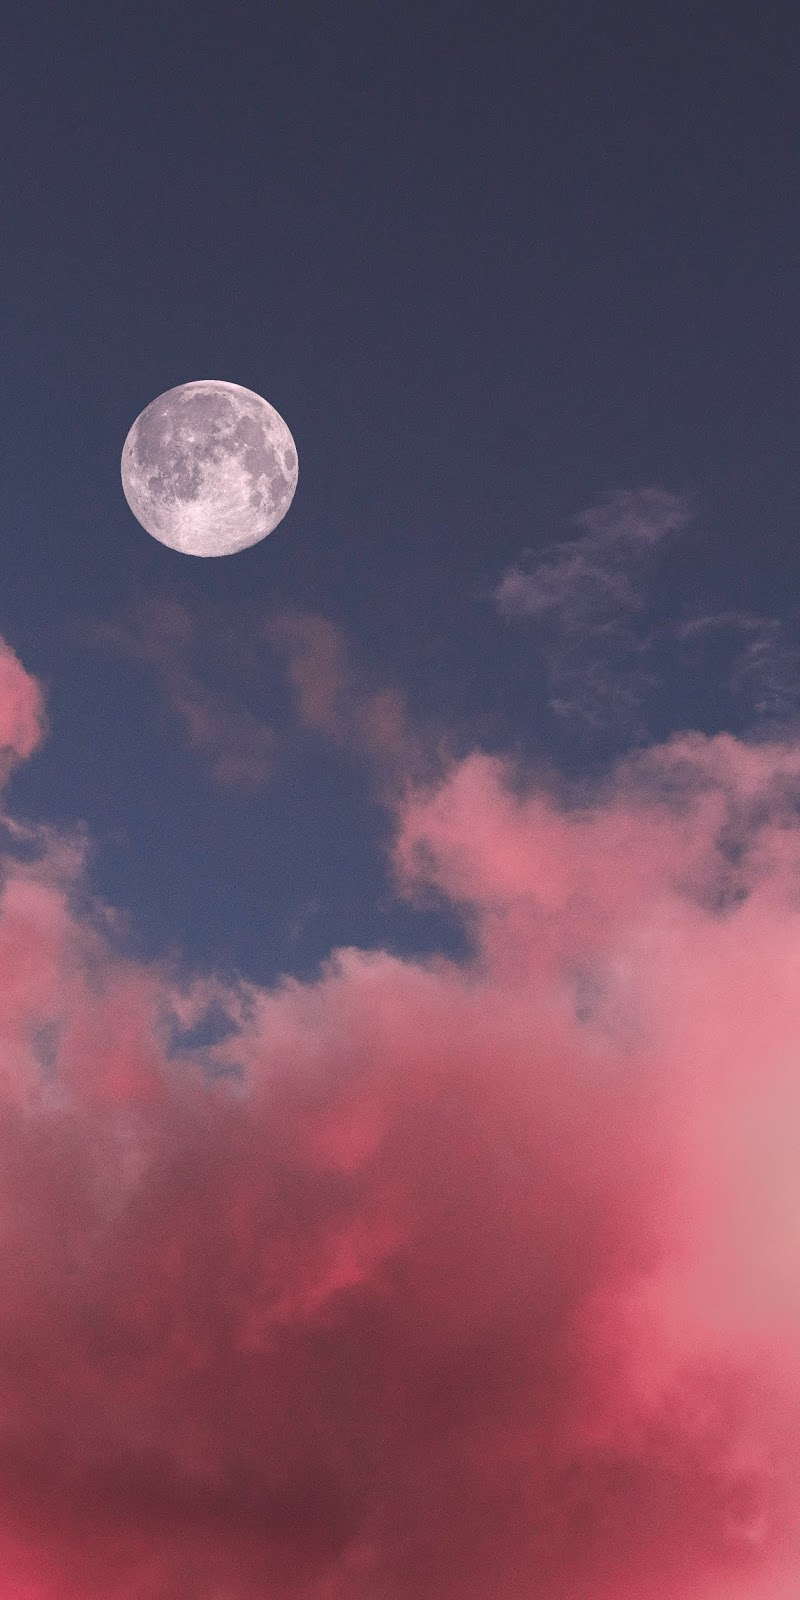 Mặt trăng tròn giữa bầu trời đầy mây hồng